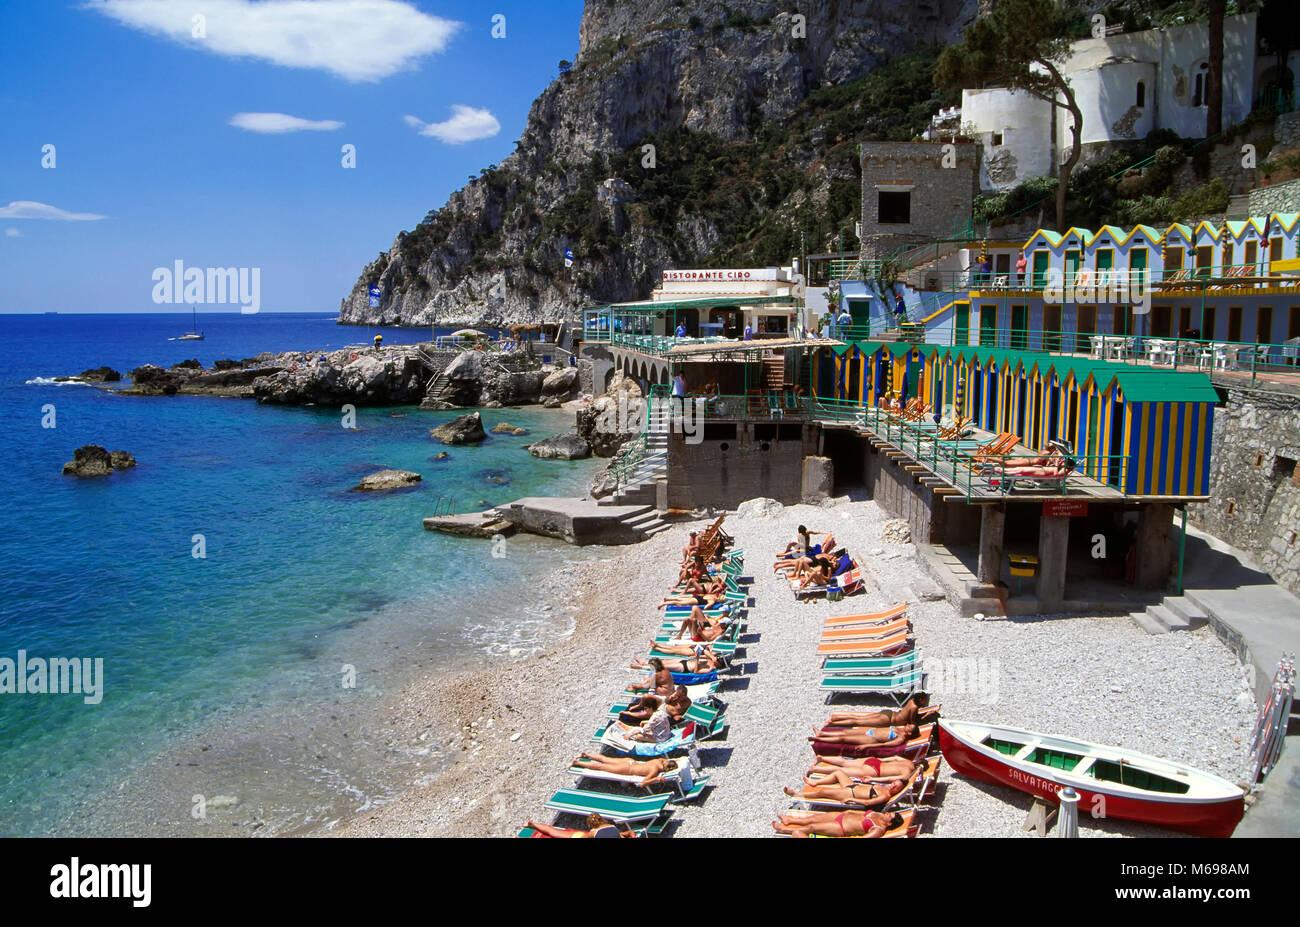 Marina Piccola beach, Capri island, Italy, Europe - Stock Image